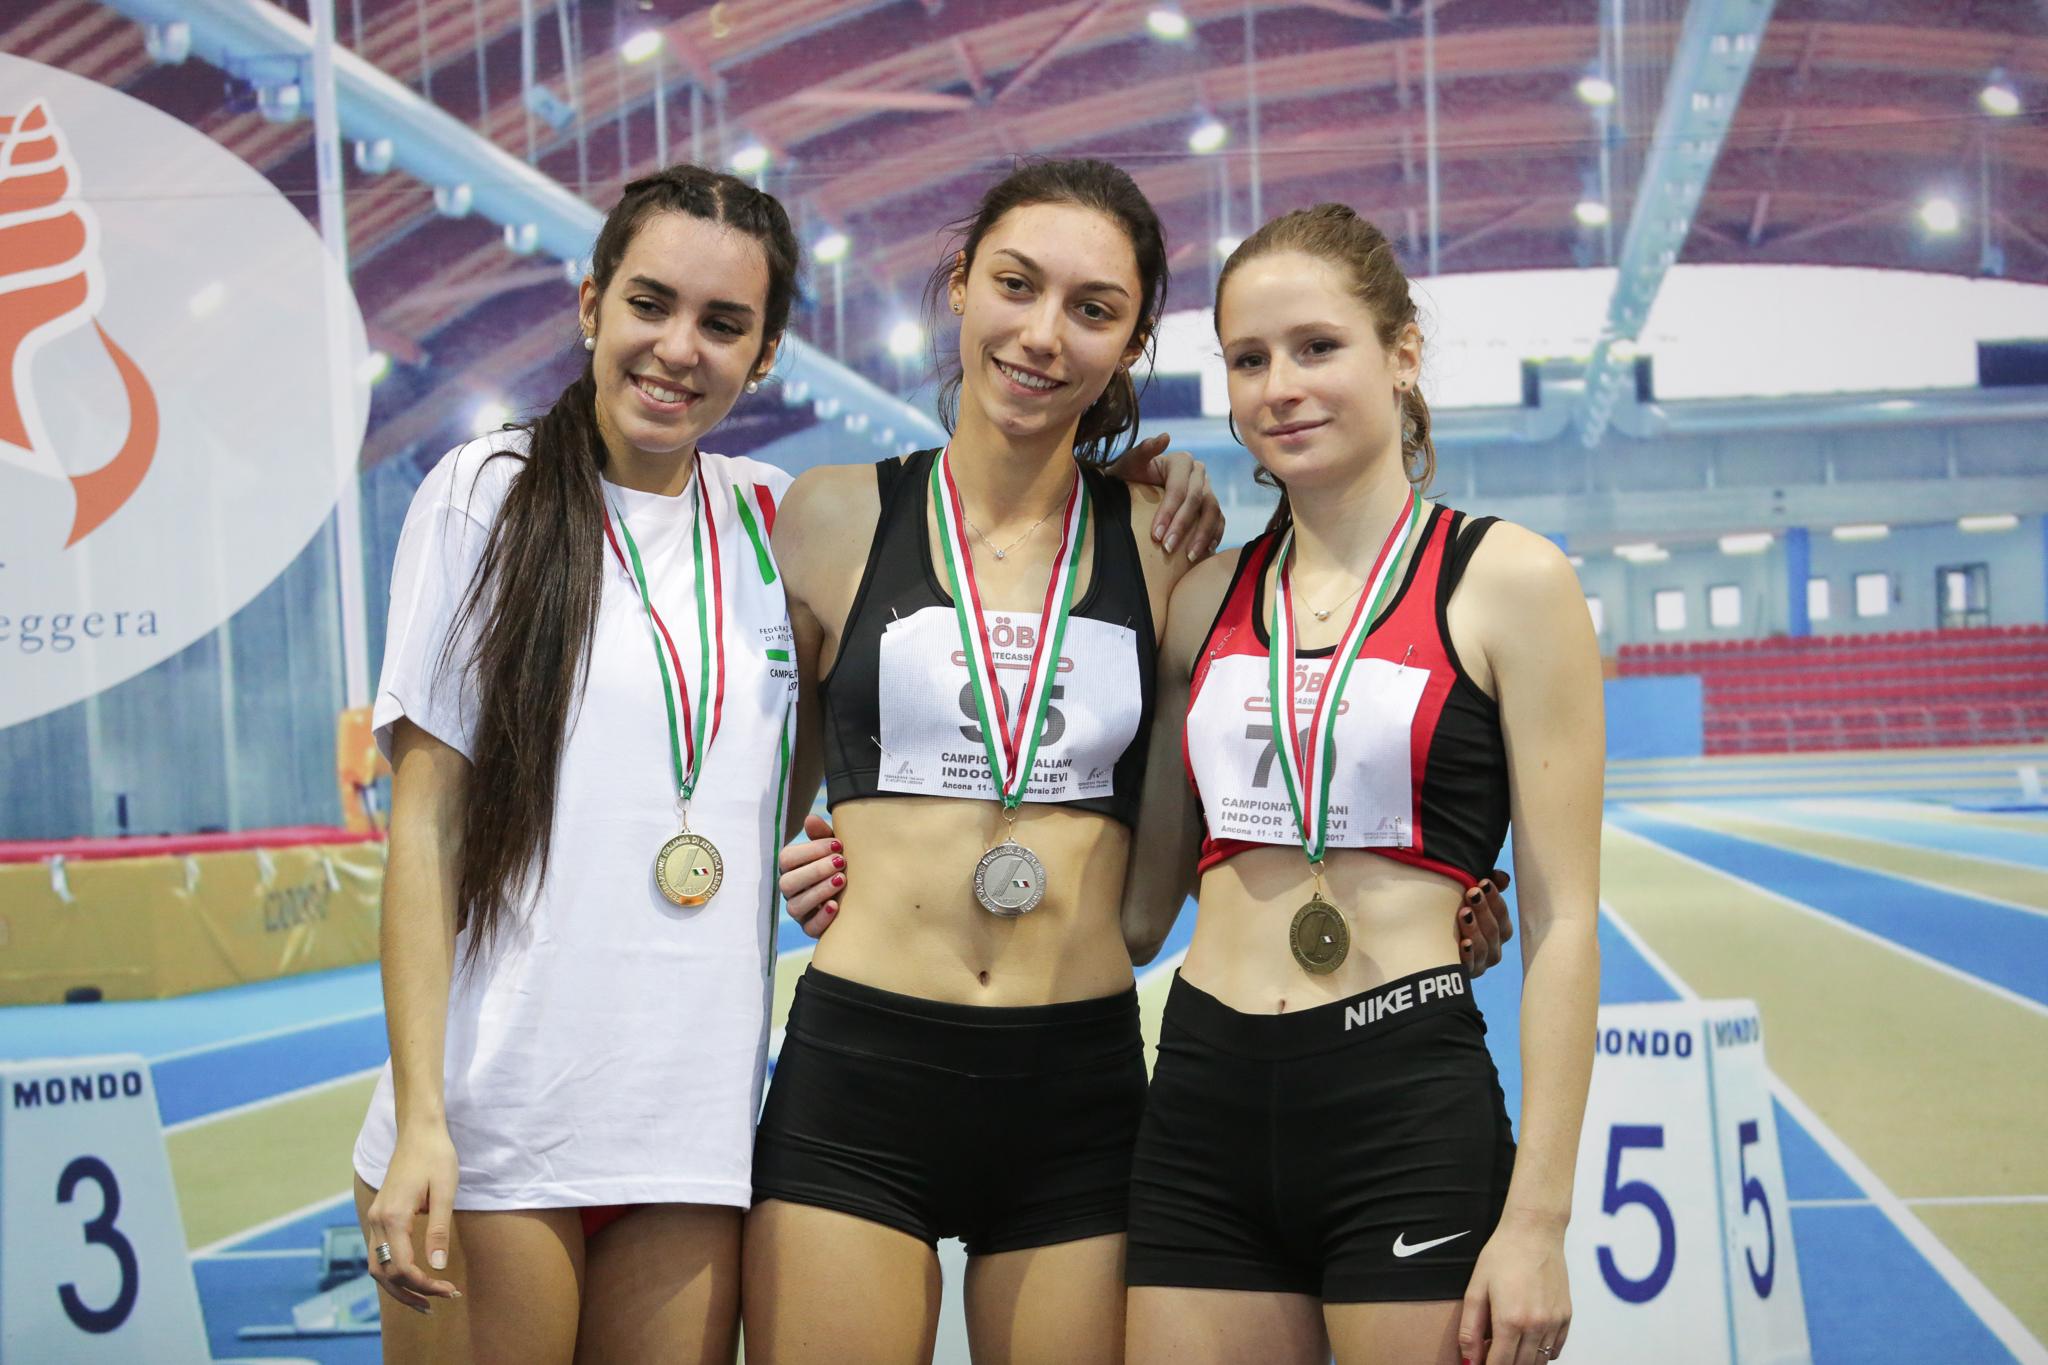 Atletica, Vandi d'oro nei 400 di Ancona